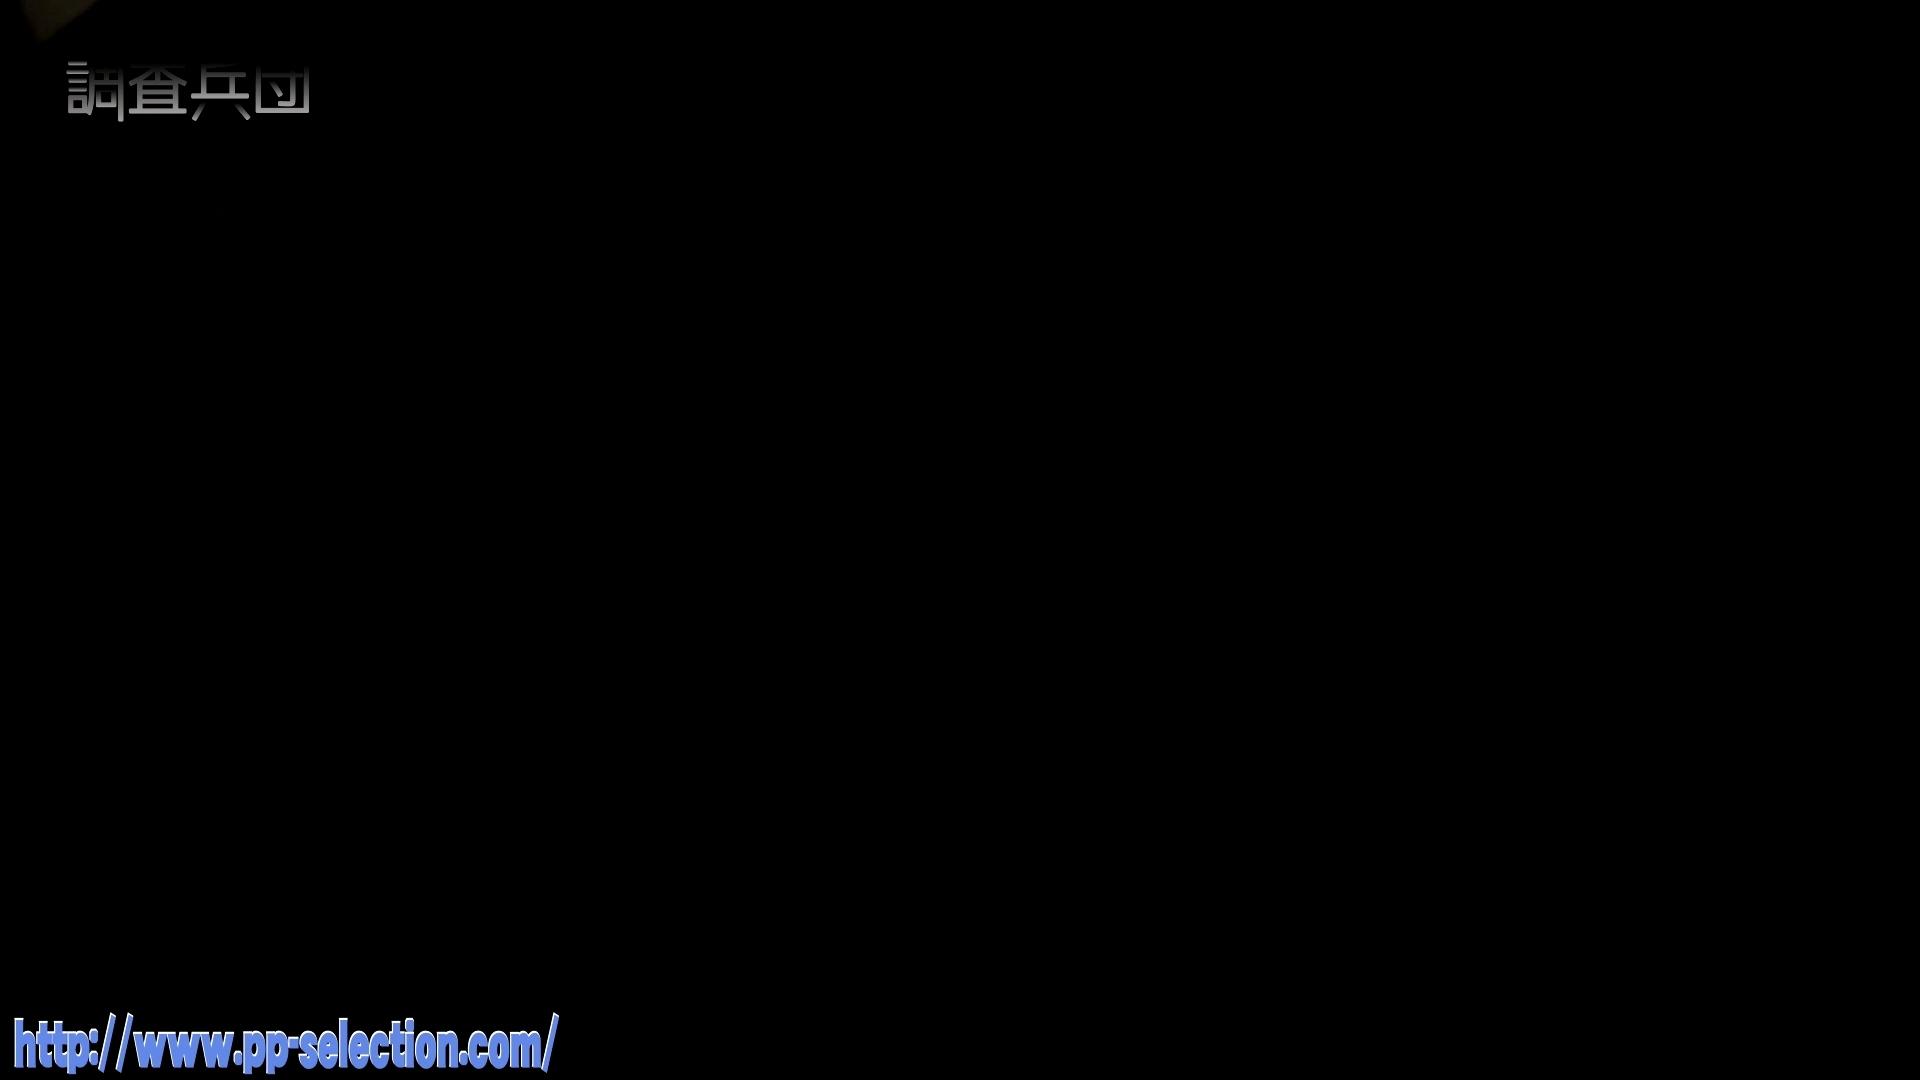 ~反撃の悪戯~vol.33 何にも知らないアニヲタの子【前編】 OLの実態 | 反撃の悪戯  26pic 1